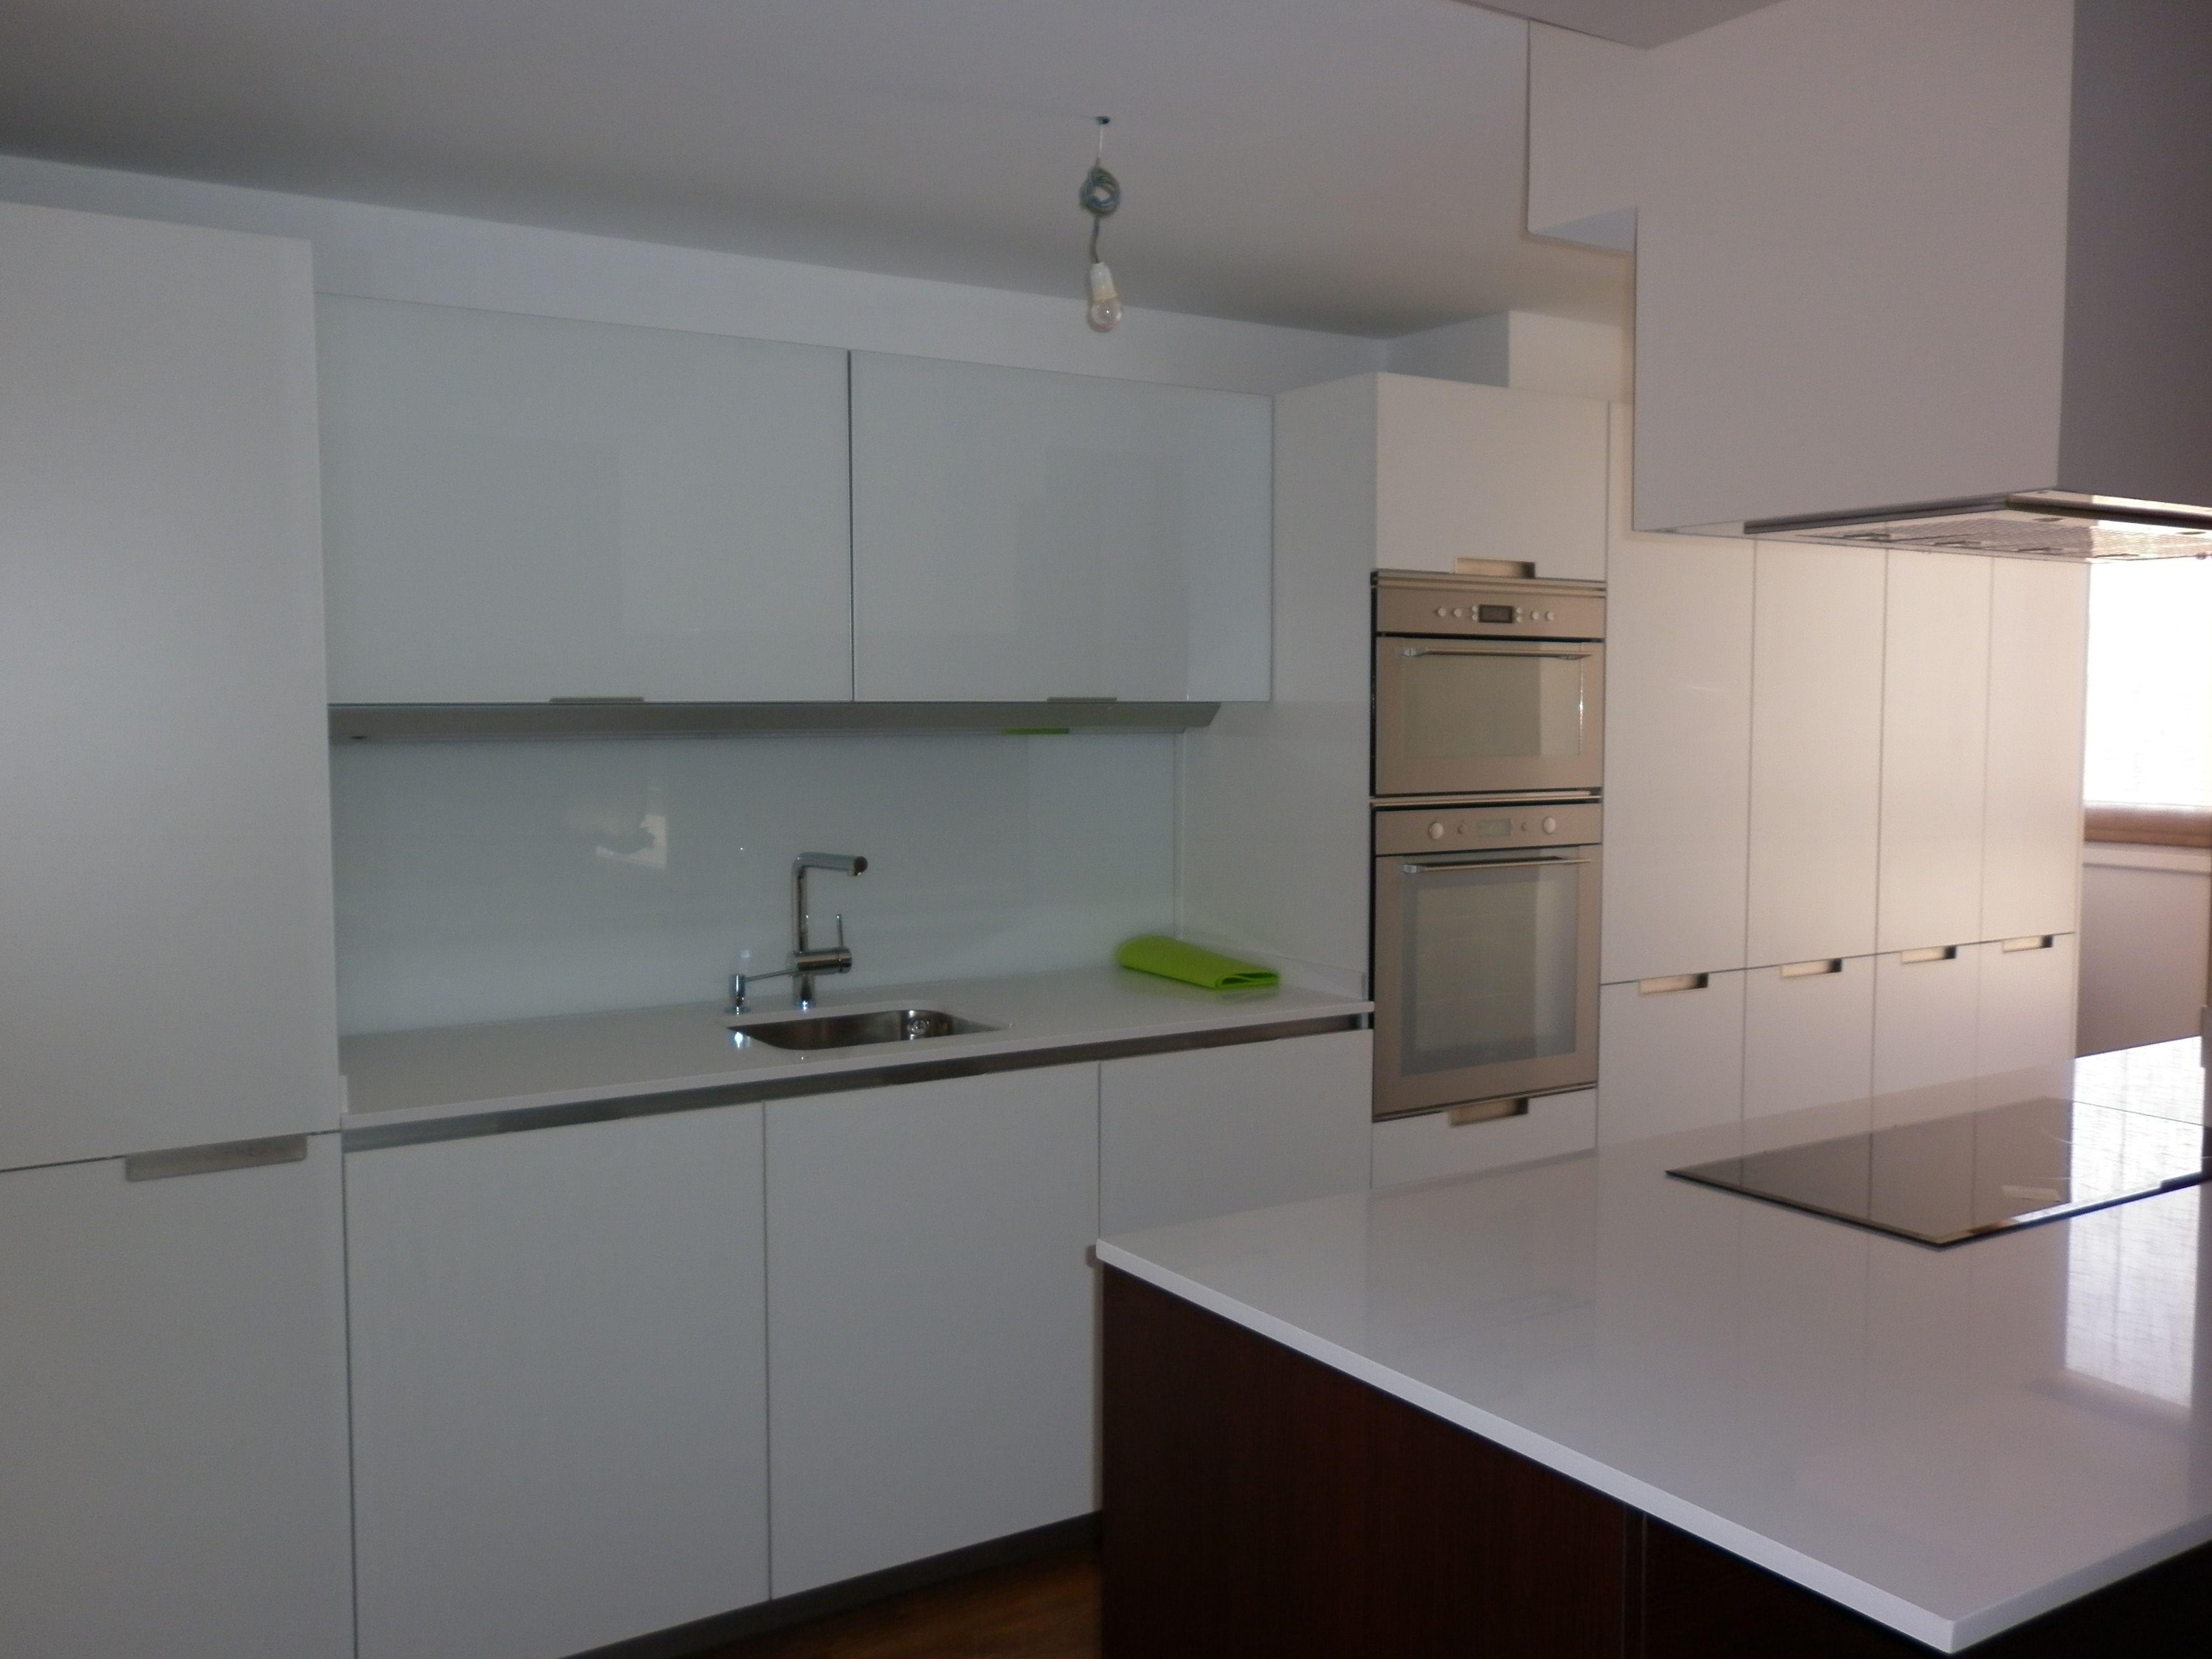 Cocina Santos Minos Laminado Blanco Brillo Encimera Silestone